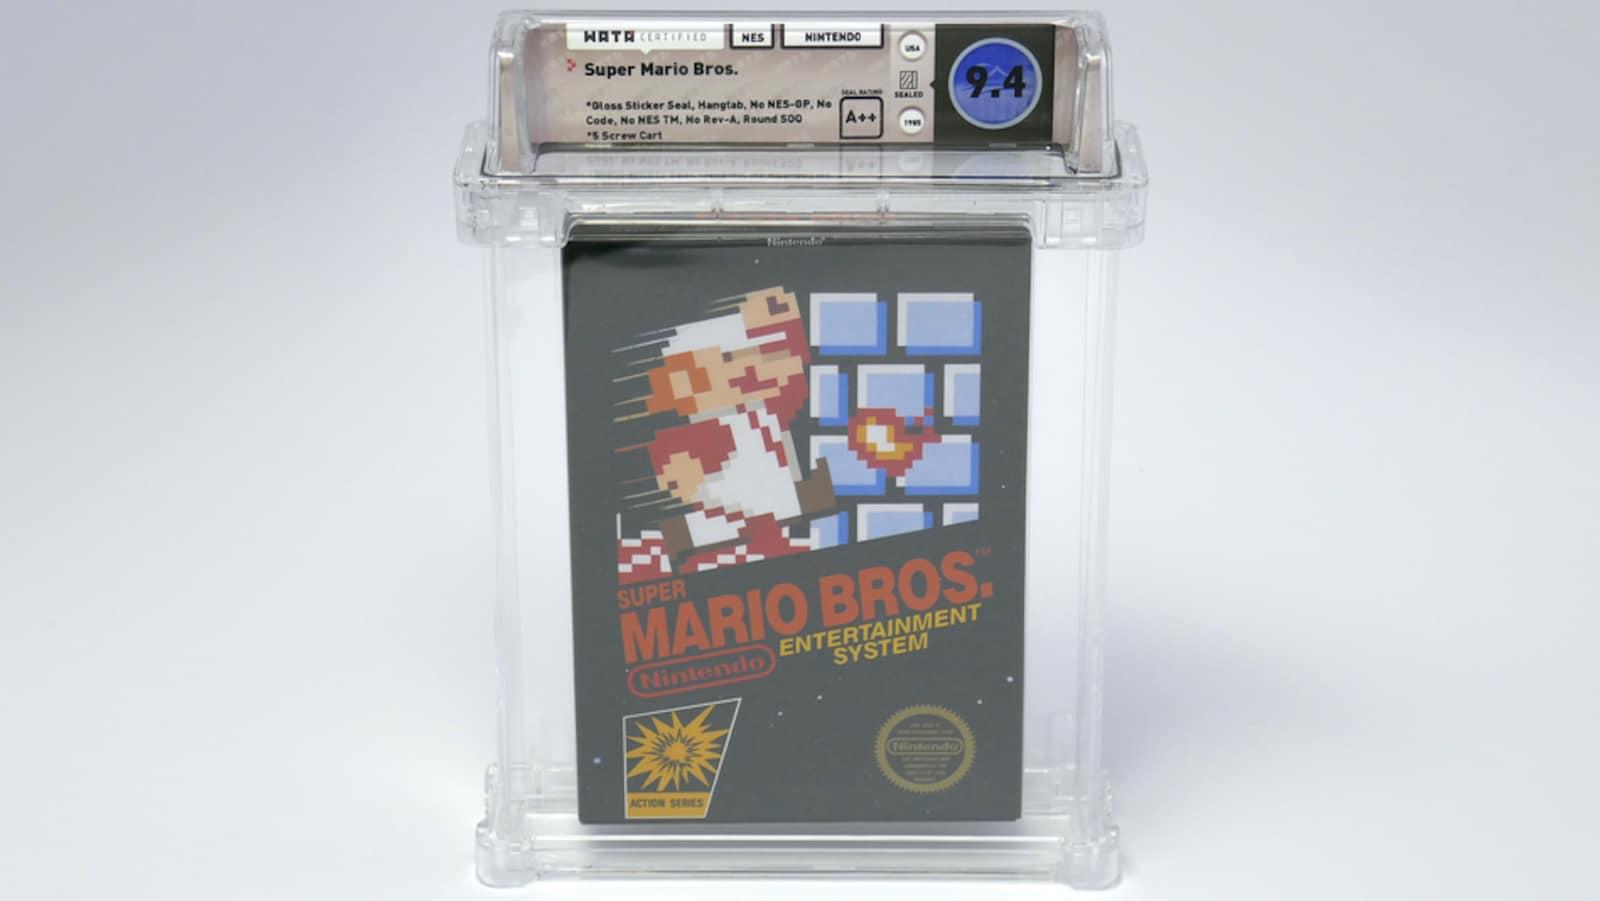 Un exemplaire NES (neuf) vendu 100 150 dollars — Super Mario Bros